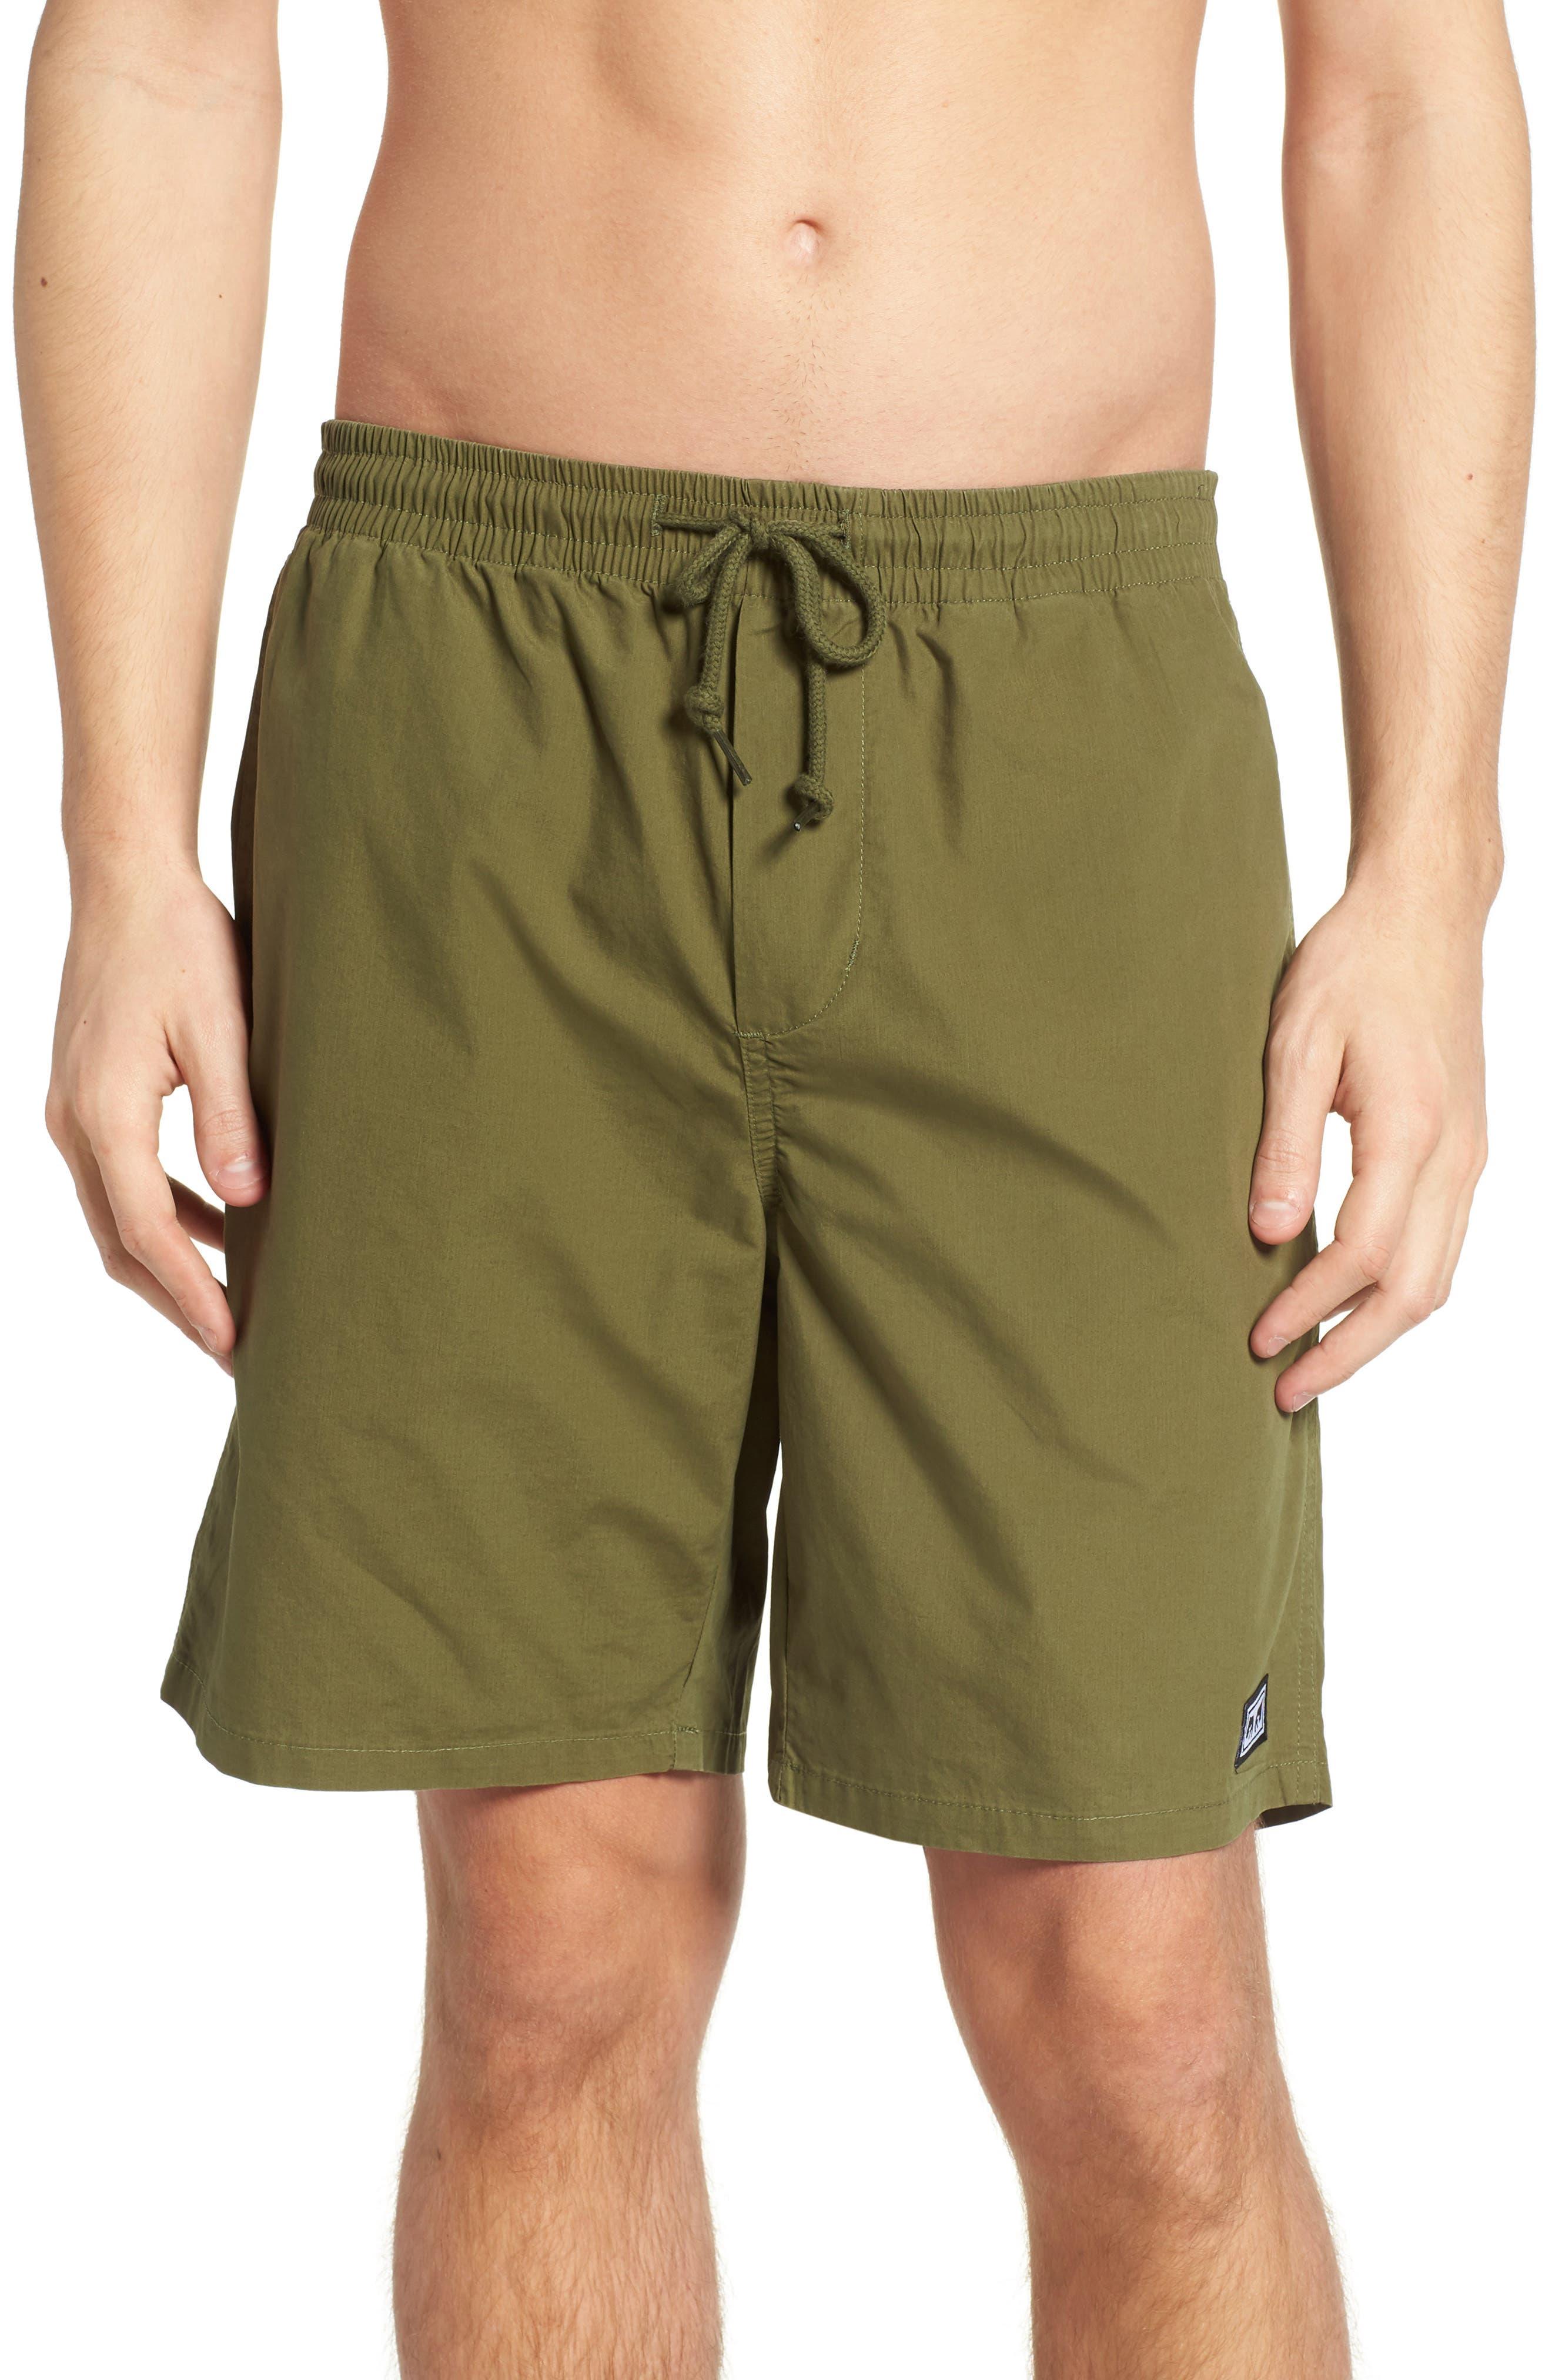 Legacy II Drawstring Shorts,                             Main thumbnail 1, color,                             Army